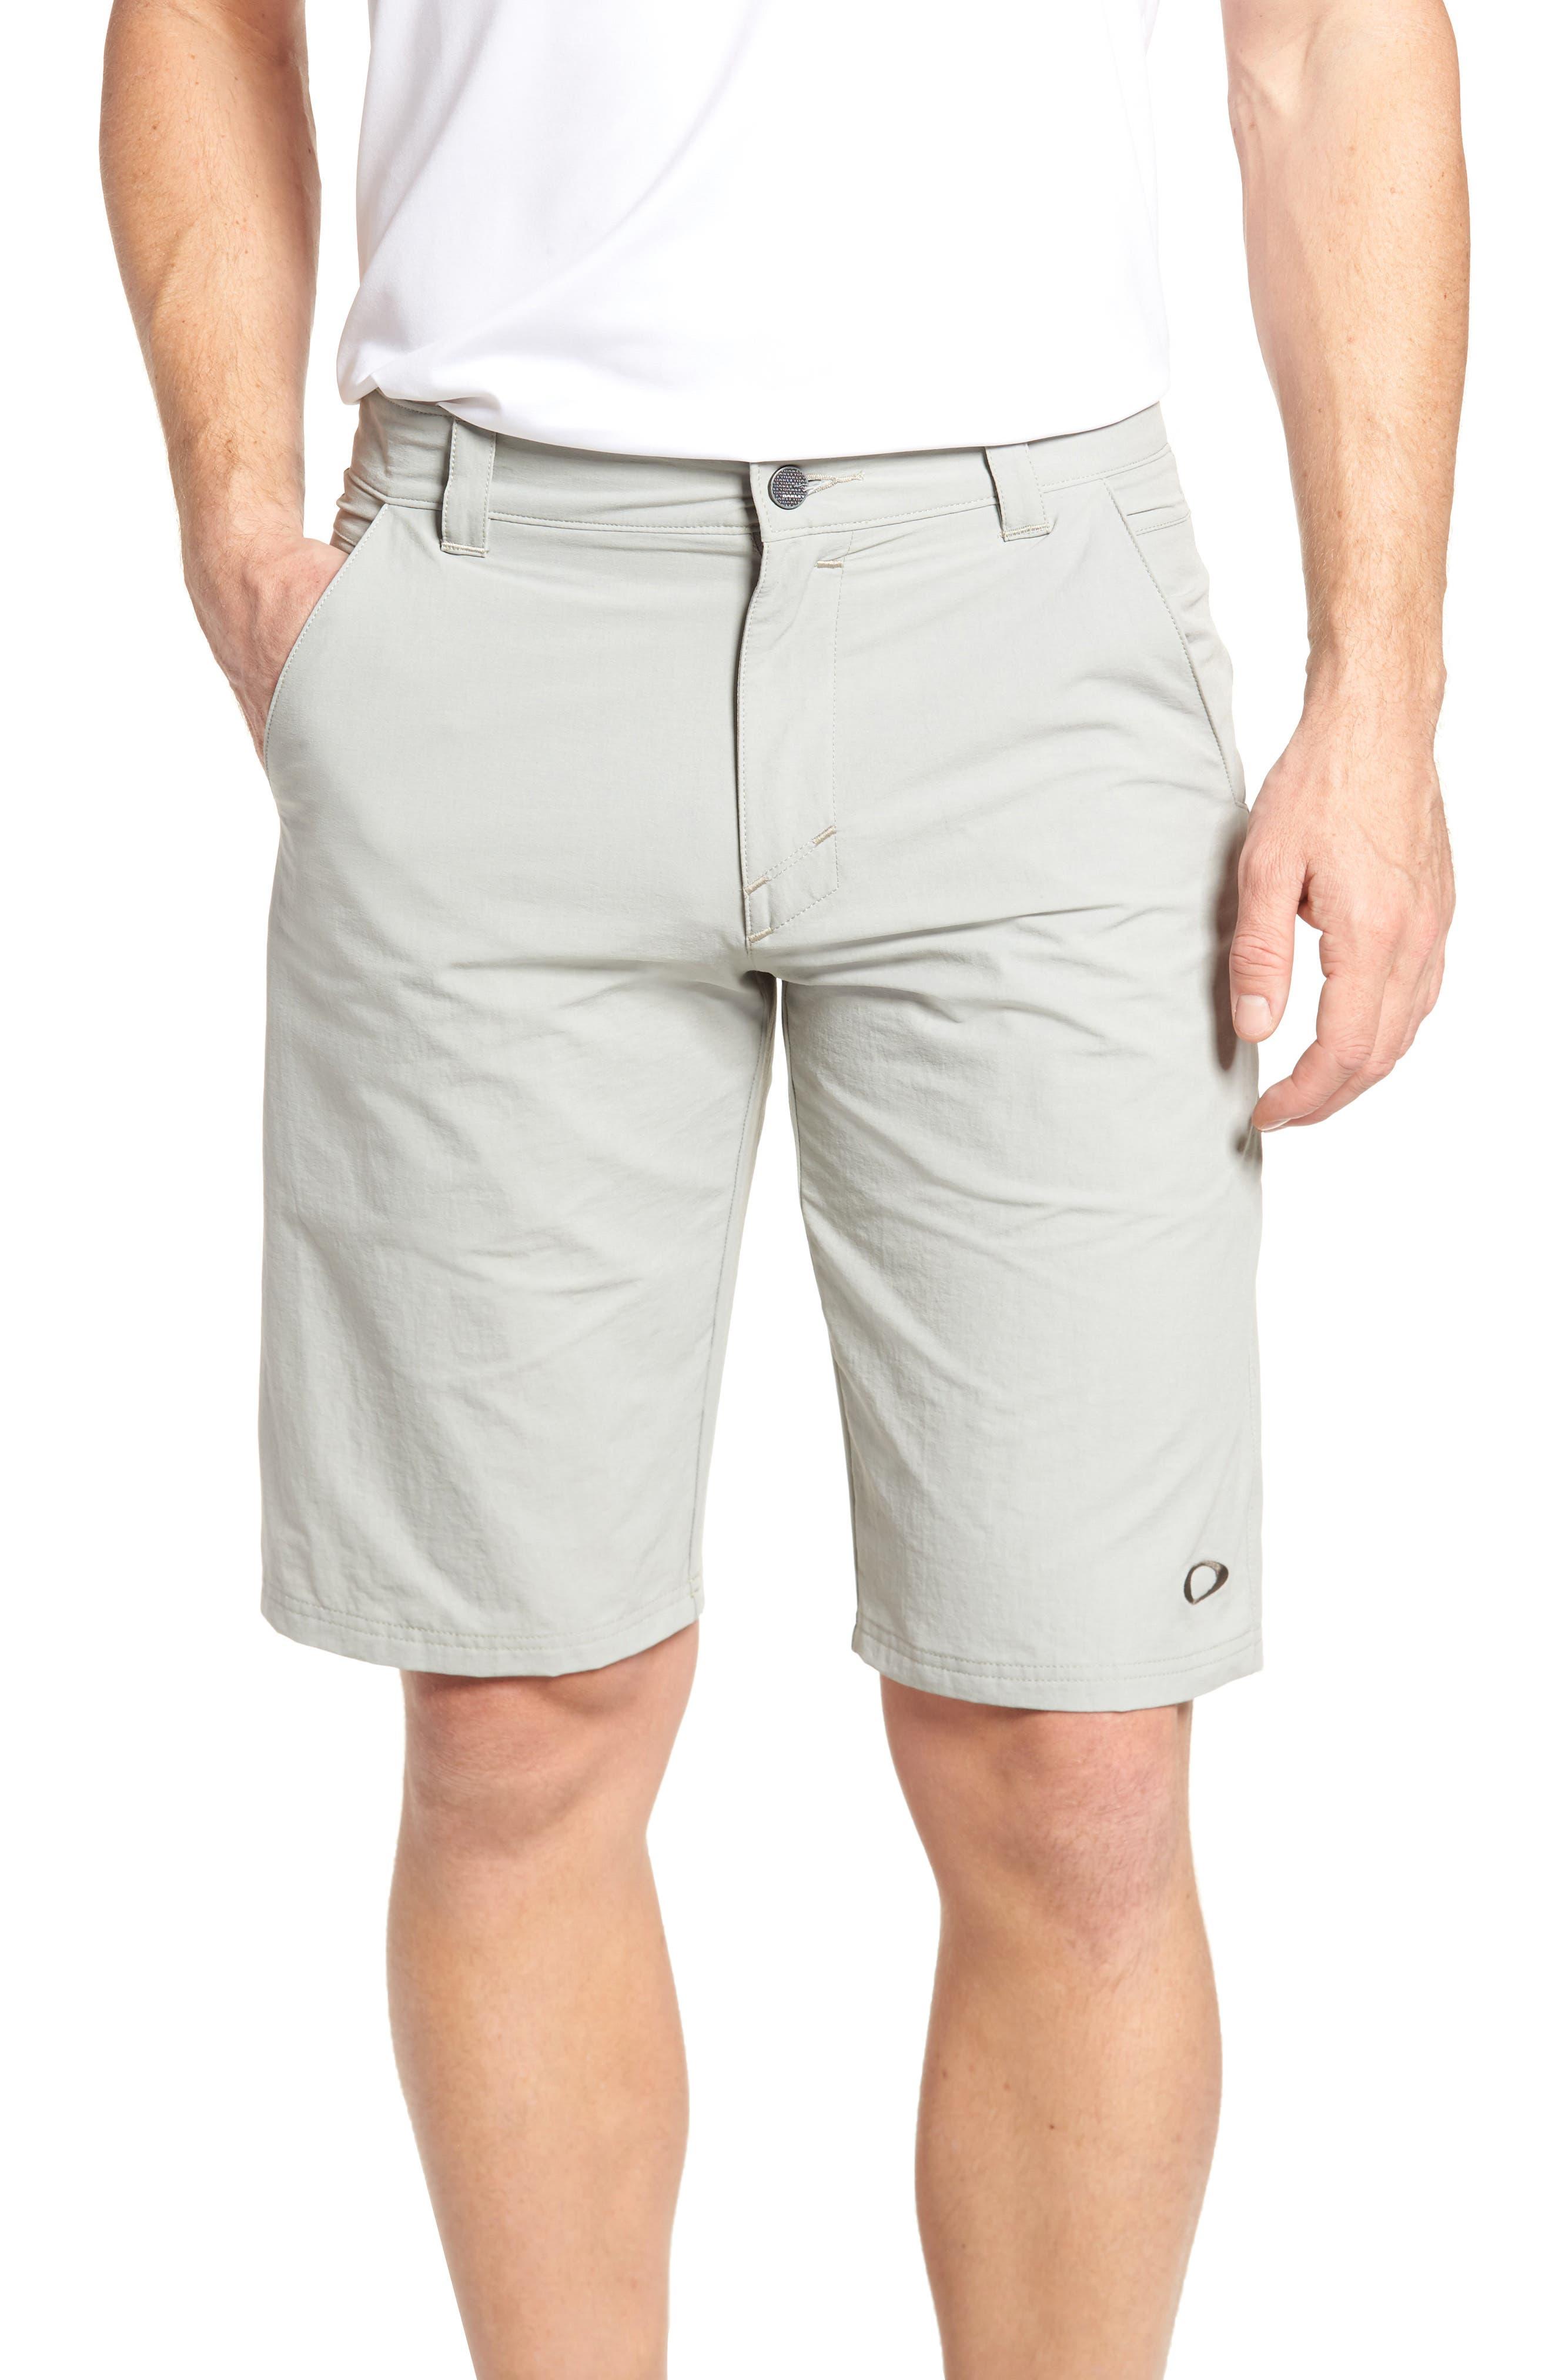 Take 2.5 Shorts,                         Main,                         color,